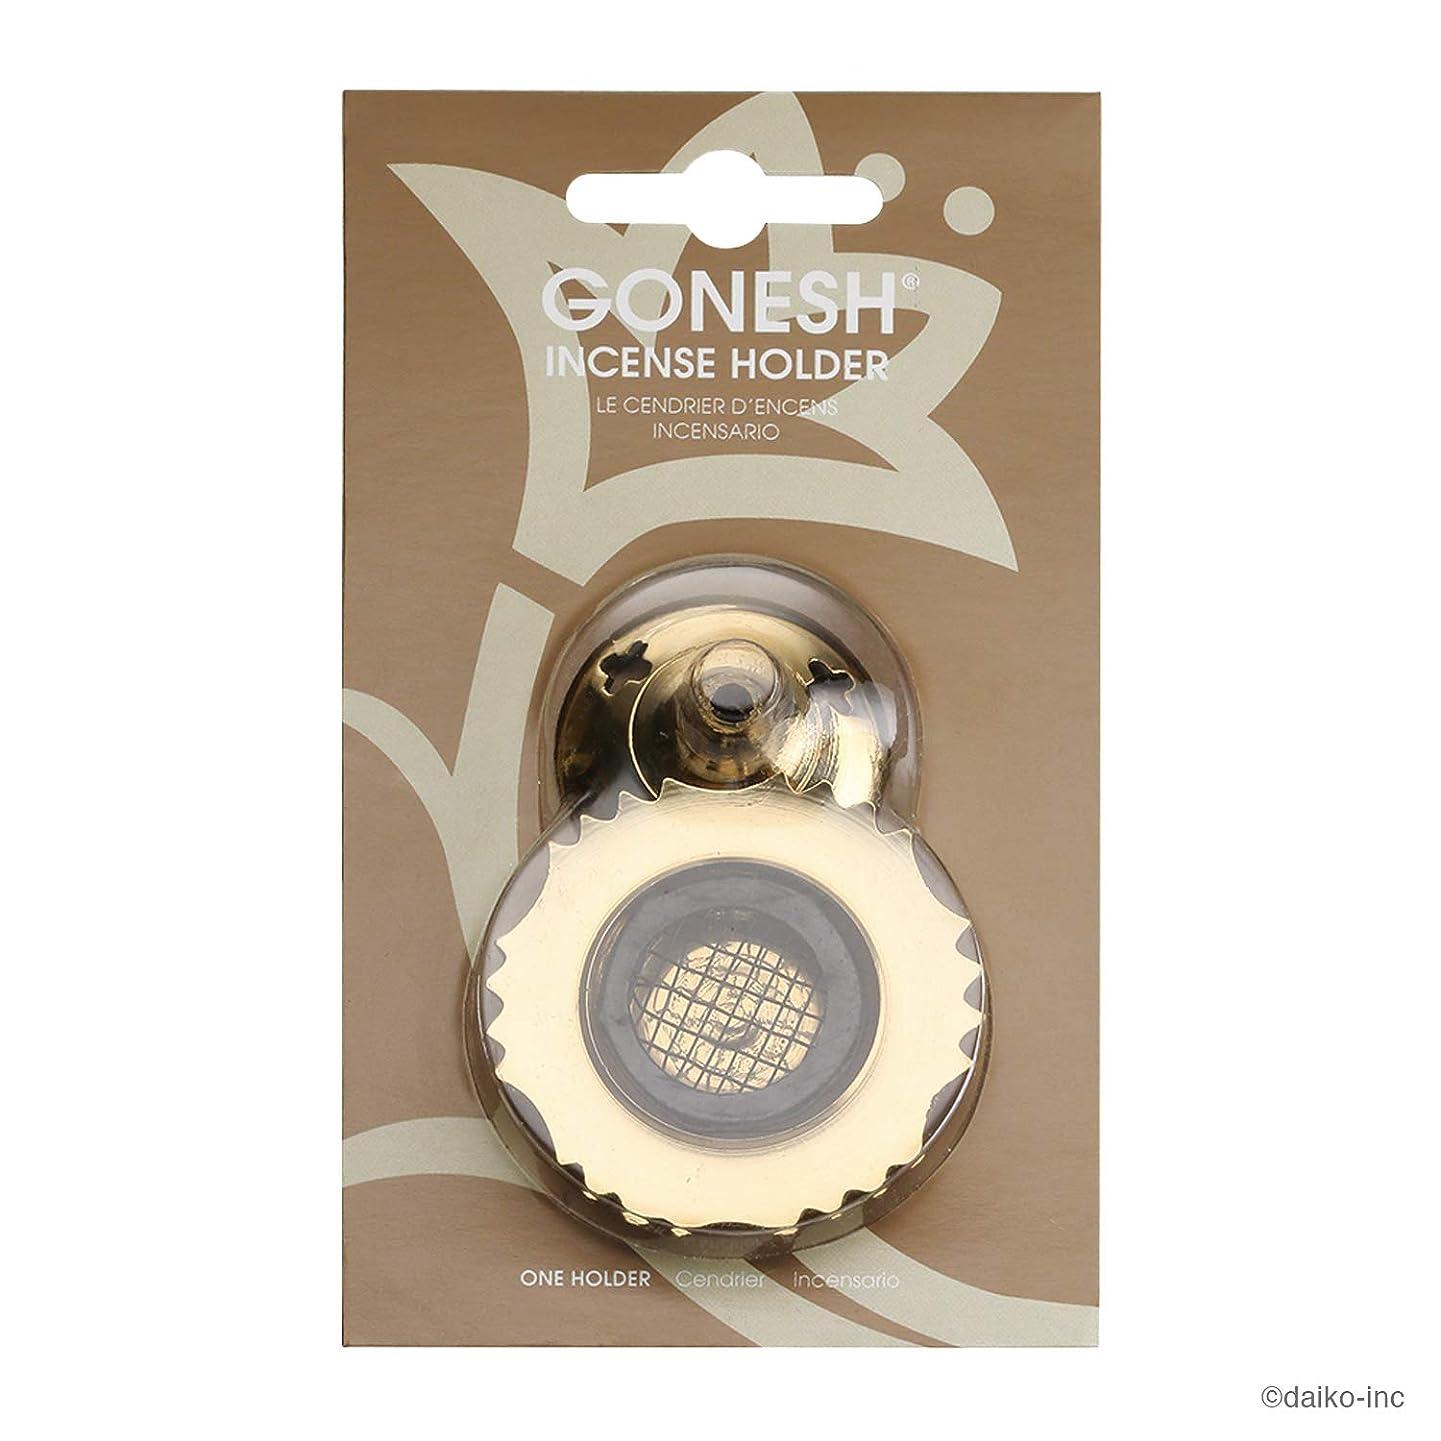 ガーネッシュ(GONESH) インセンスホルダー メッシュブラス (お香立て)